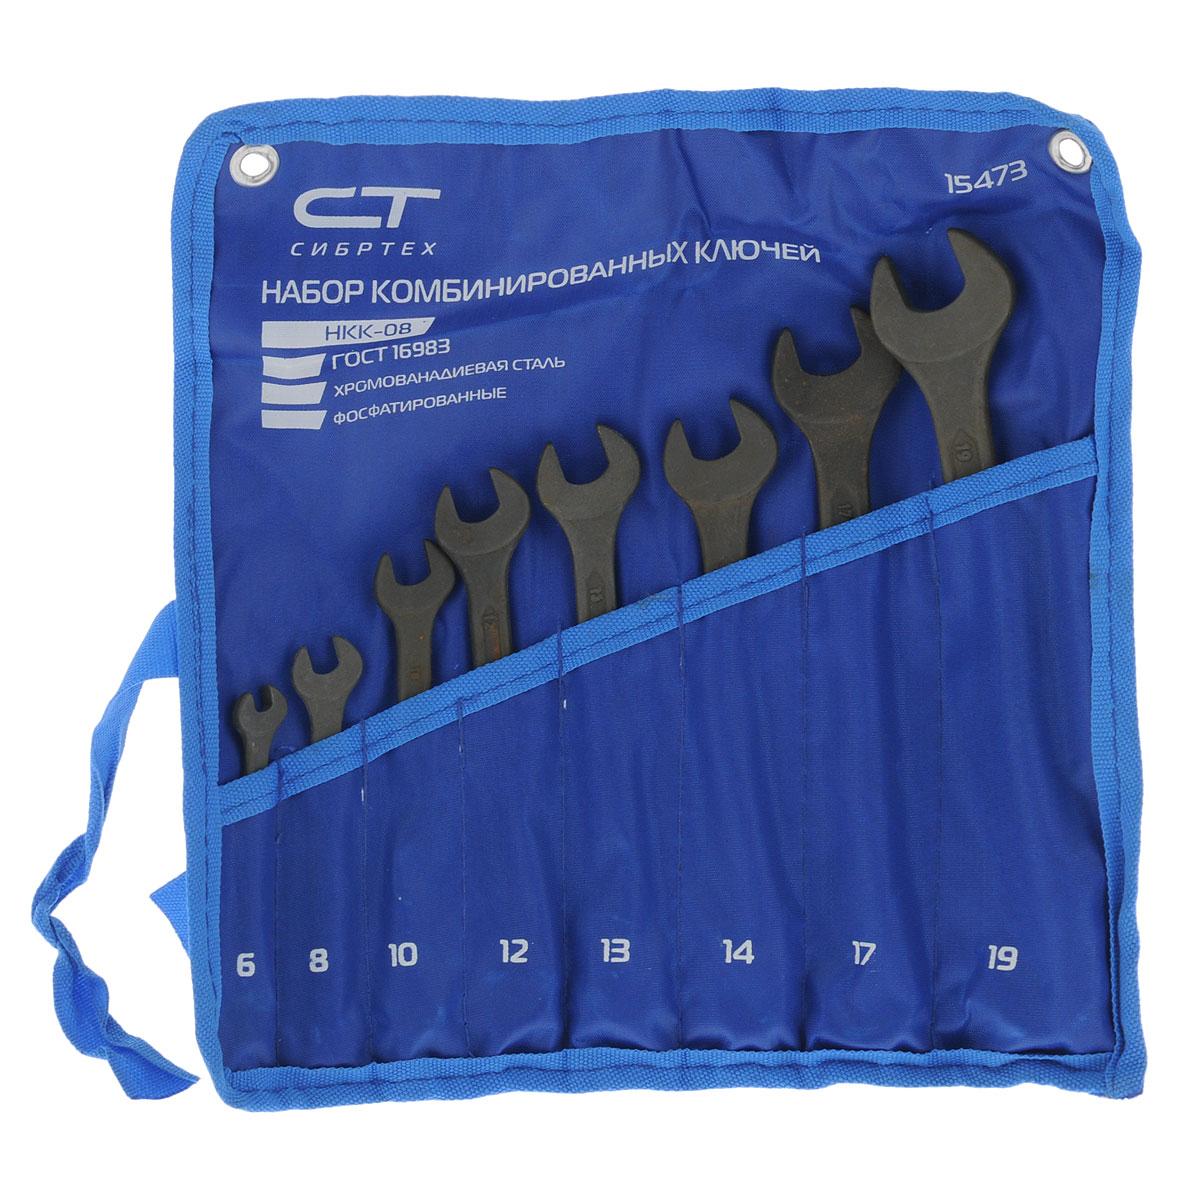 Набор ключей комбинированных Сибртех, фосфатированные, 8 шт15473Ключи Сибртех предназначены для работы с резьбовыми соединениями. Они изготовлены из хромванадиевой стали с фосфатированием. Профиль кольцевого зева имеет 12 граней, что увеличивает площадь соприкосновения рабочих поверхностей и снижает риск деформации граней крепежа при монтаже. В состав набора входят ключи на 6 мм, 8 мм, 10 мм, 12 мм, 13 мм, 14 мм, 17 мм, 19 мм.